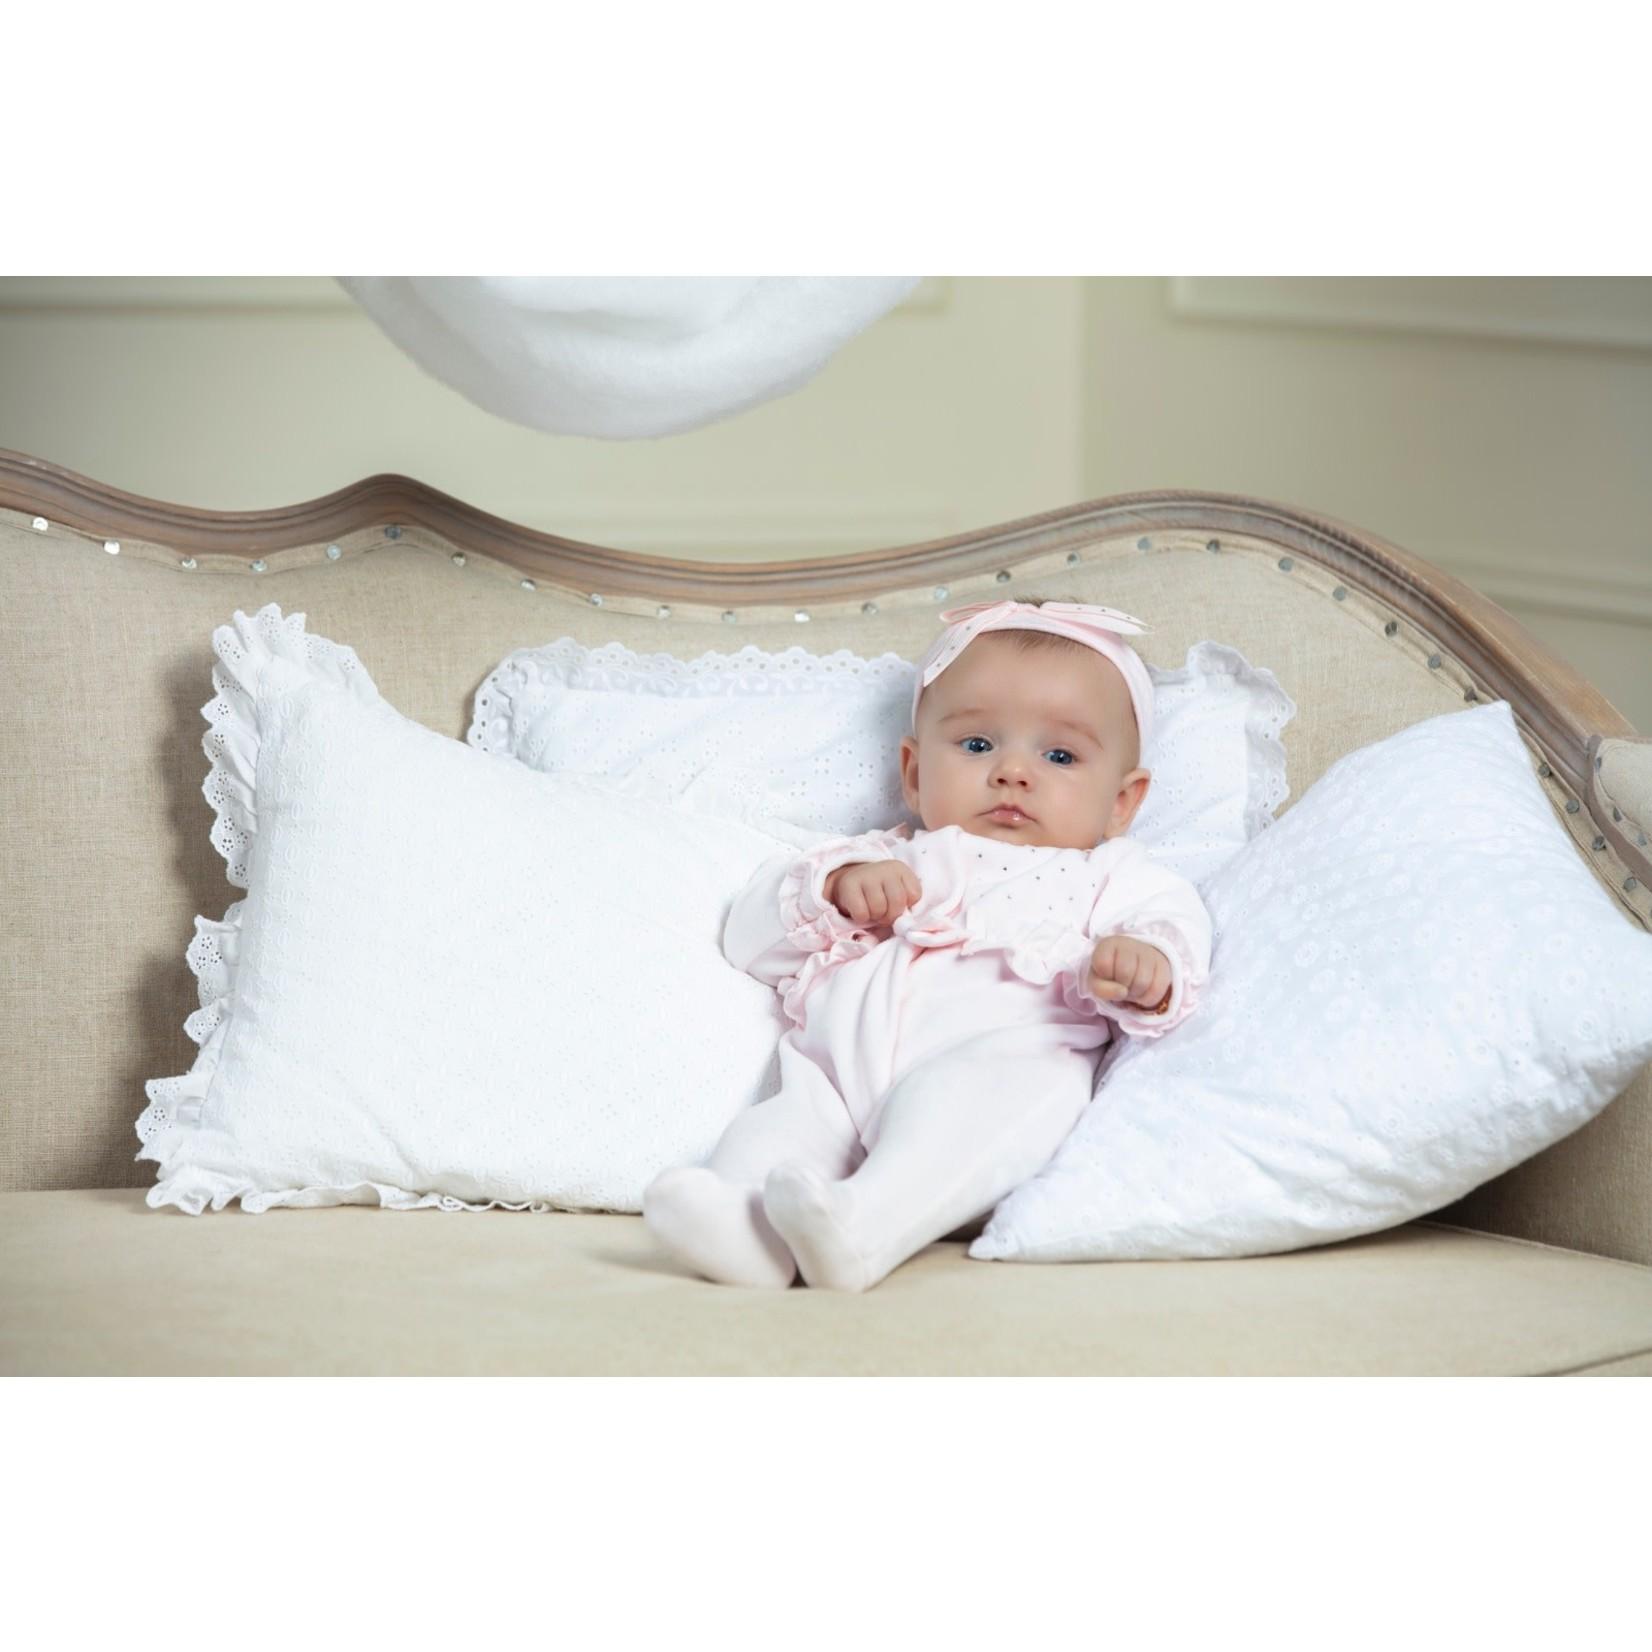 Patachou Newborn Baby Glitter -  Patachou